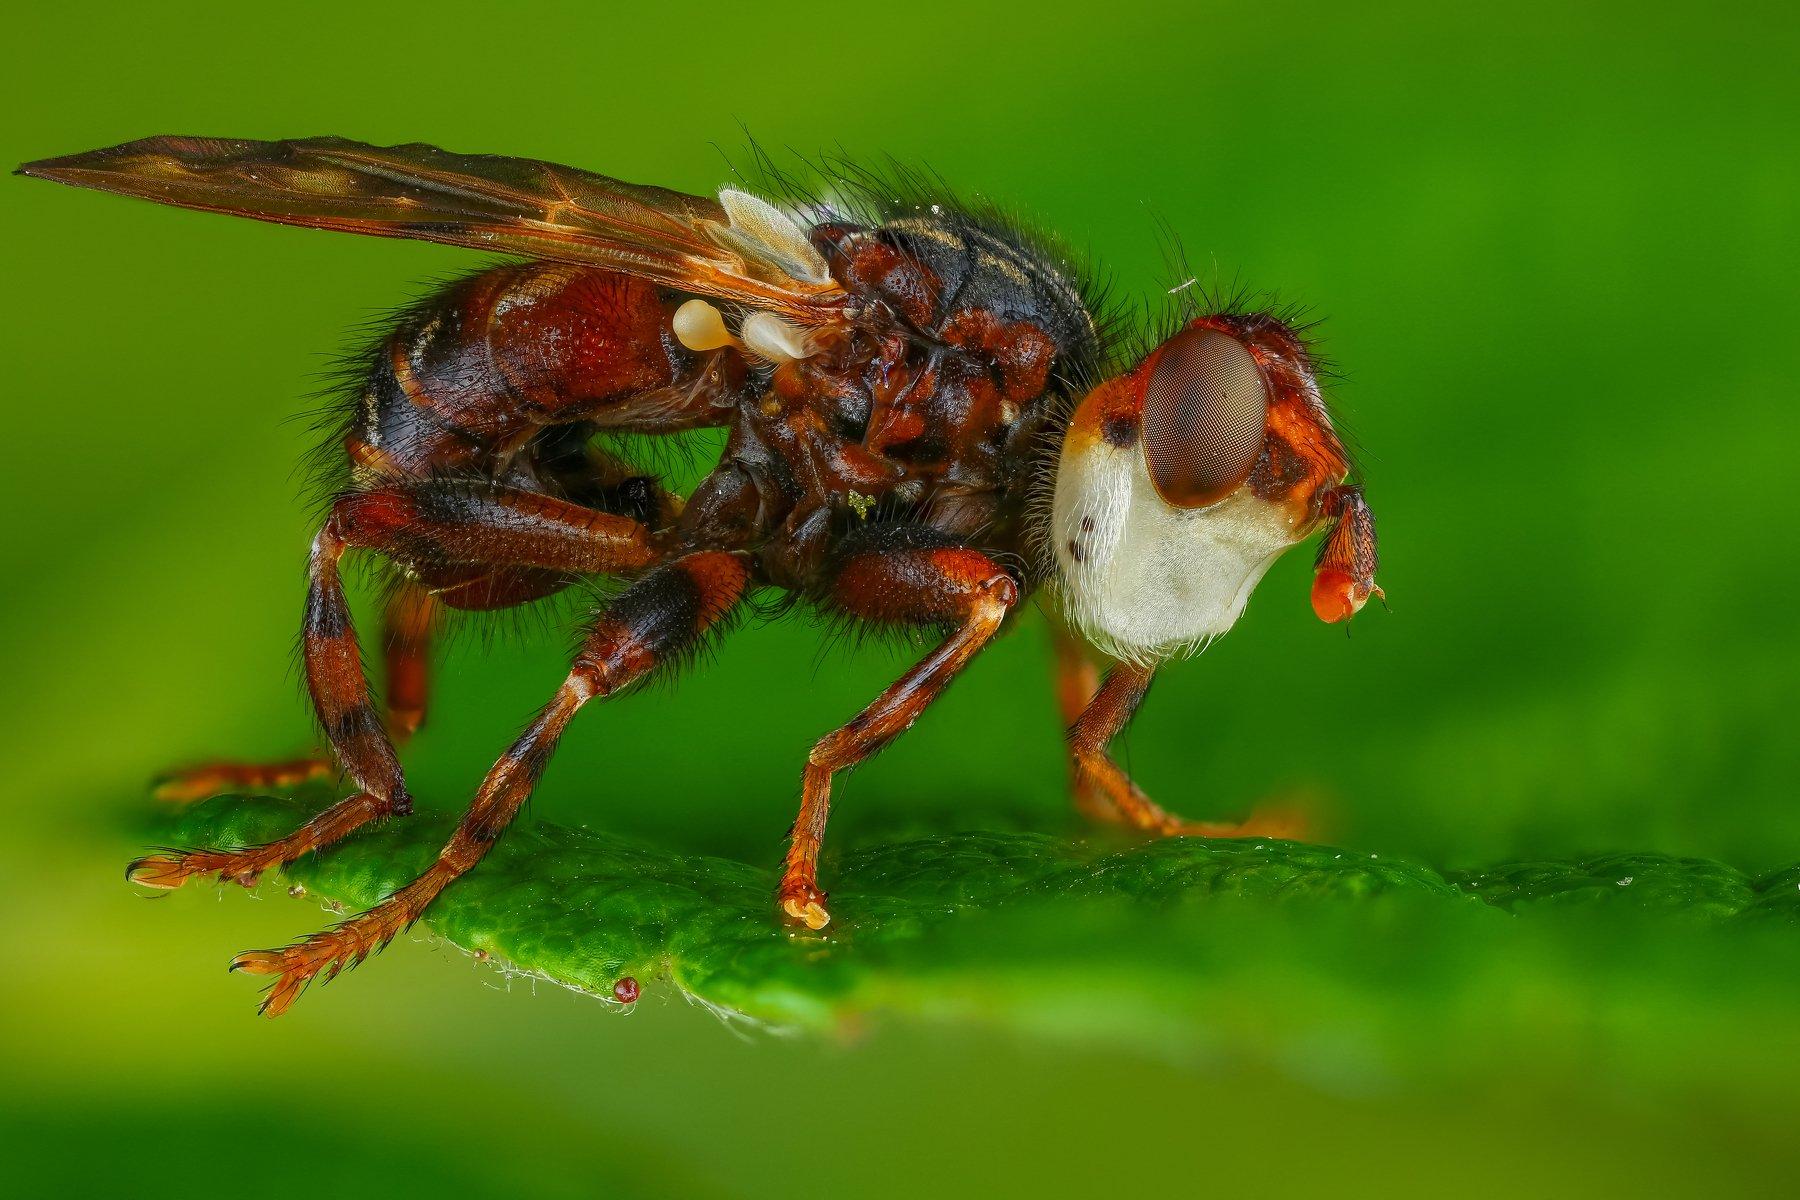 макро муха насекомое животное зеленый , Шаповалов Андрей